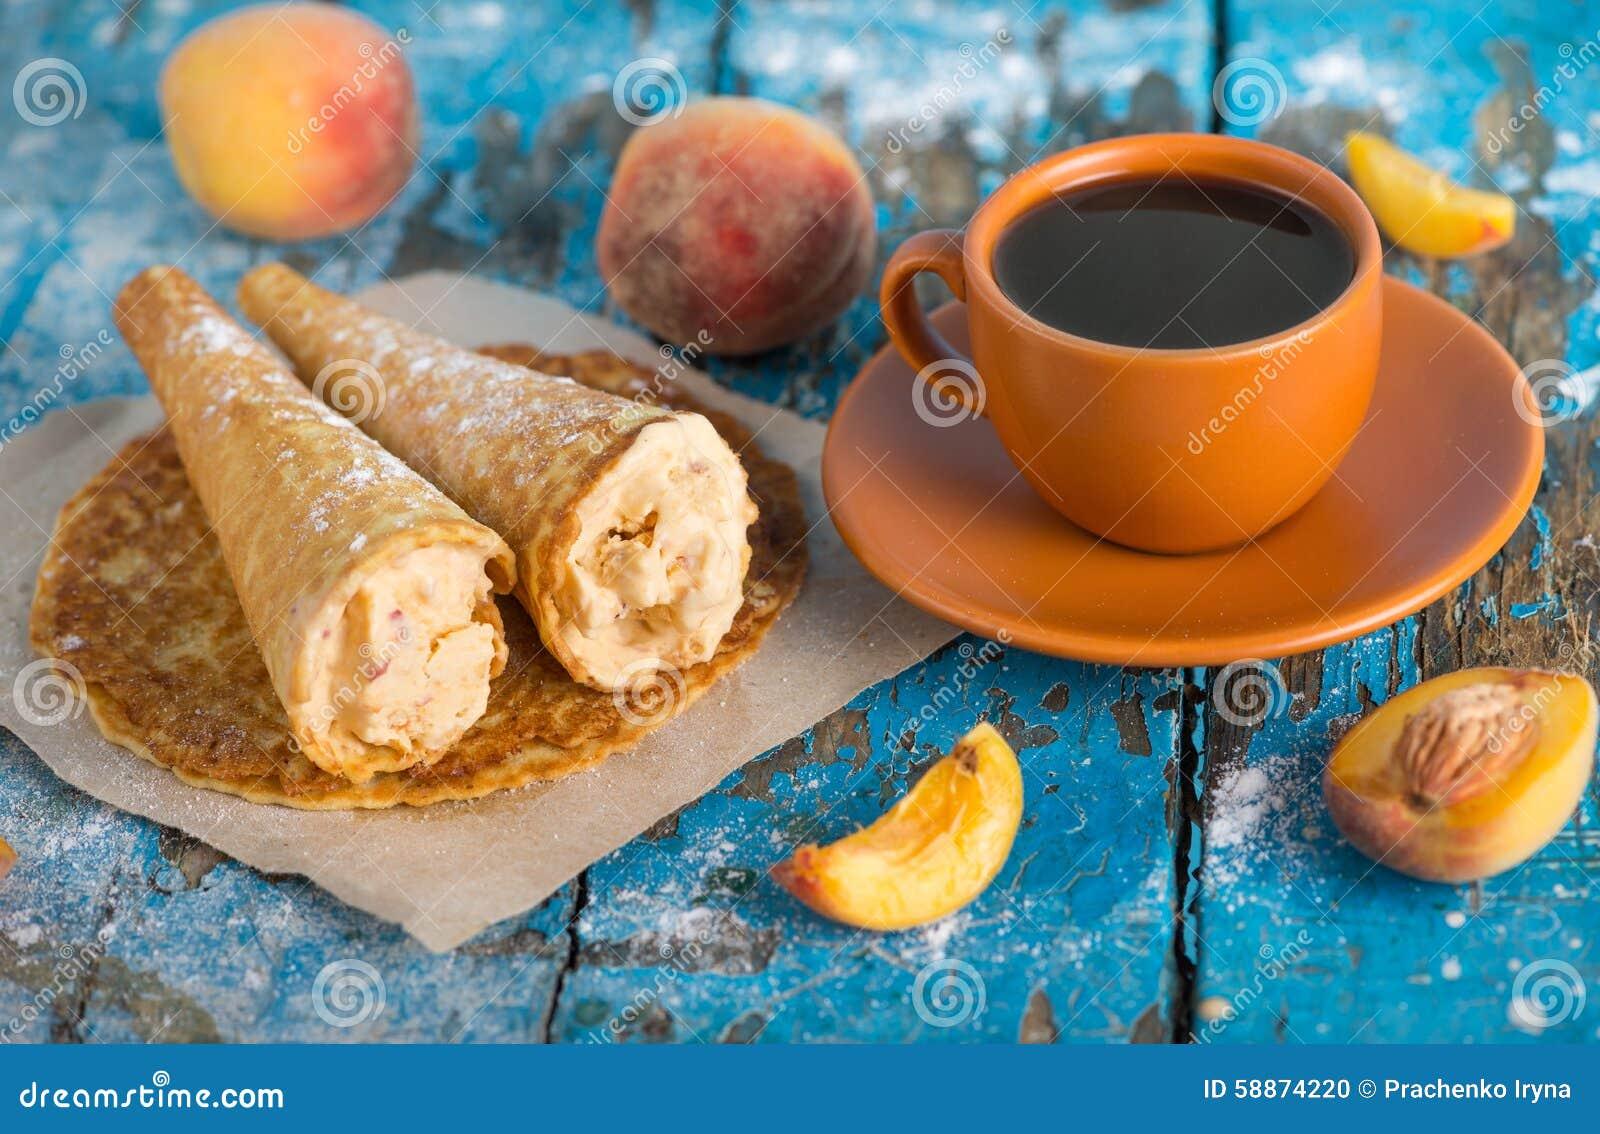 Guten Morgen Haben Sie Einen Schönen Tag Ein Tasse Kaffee